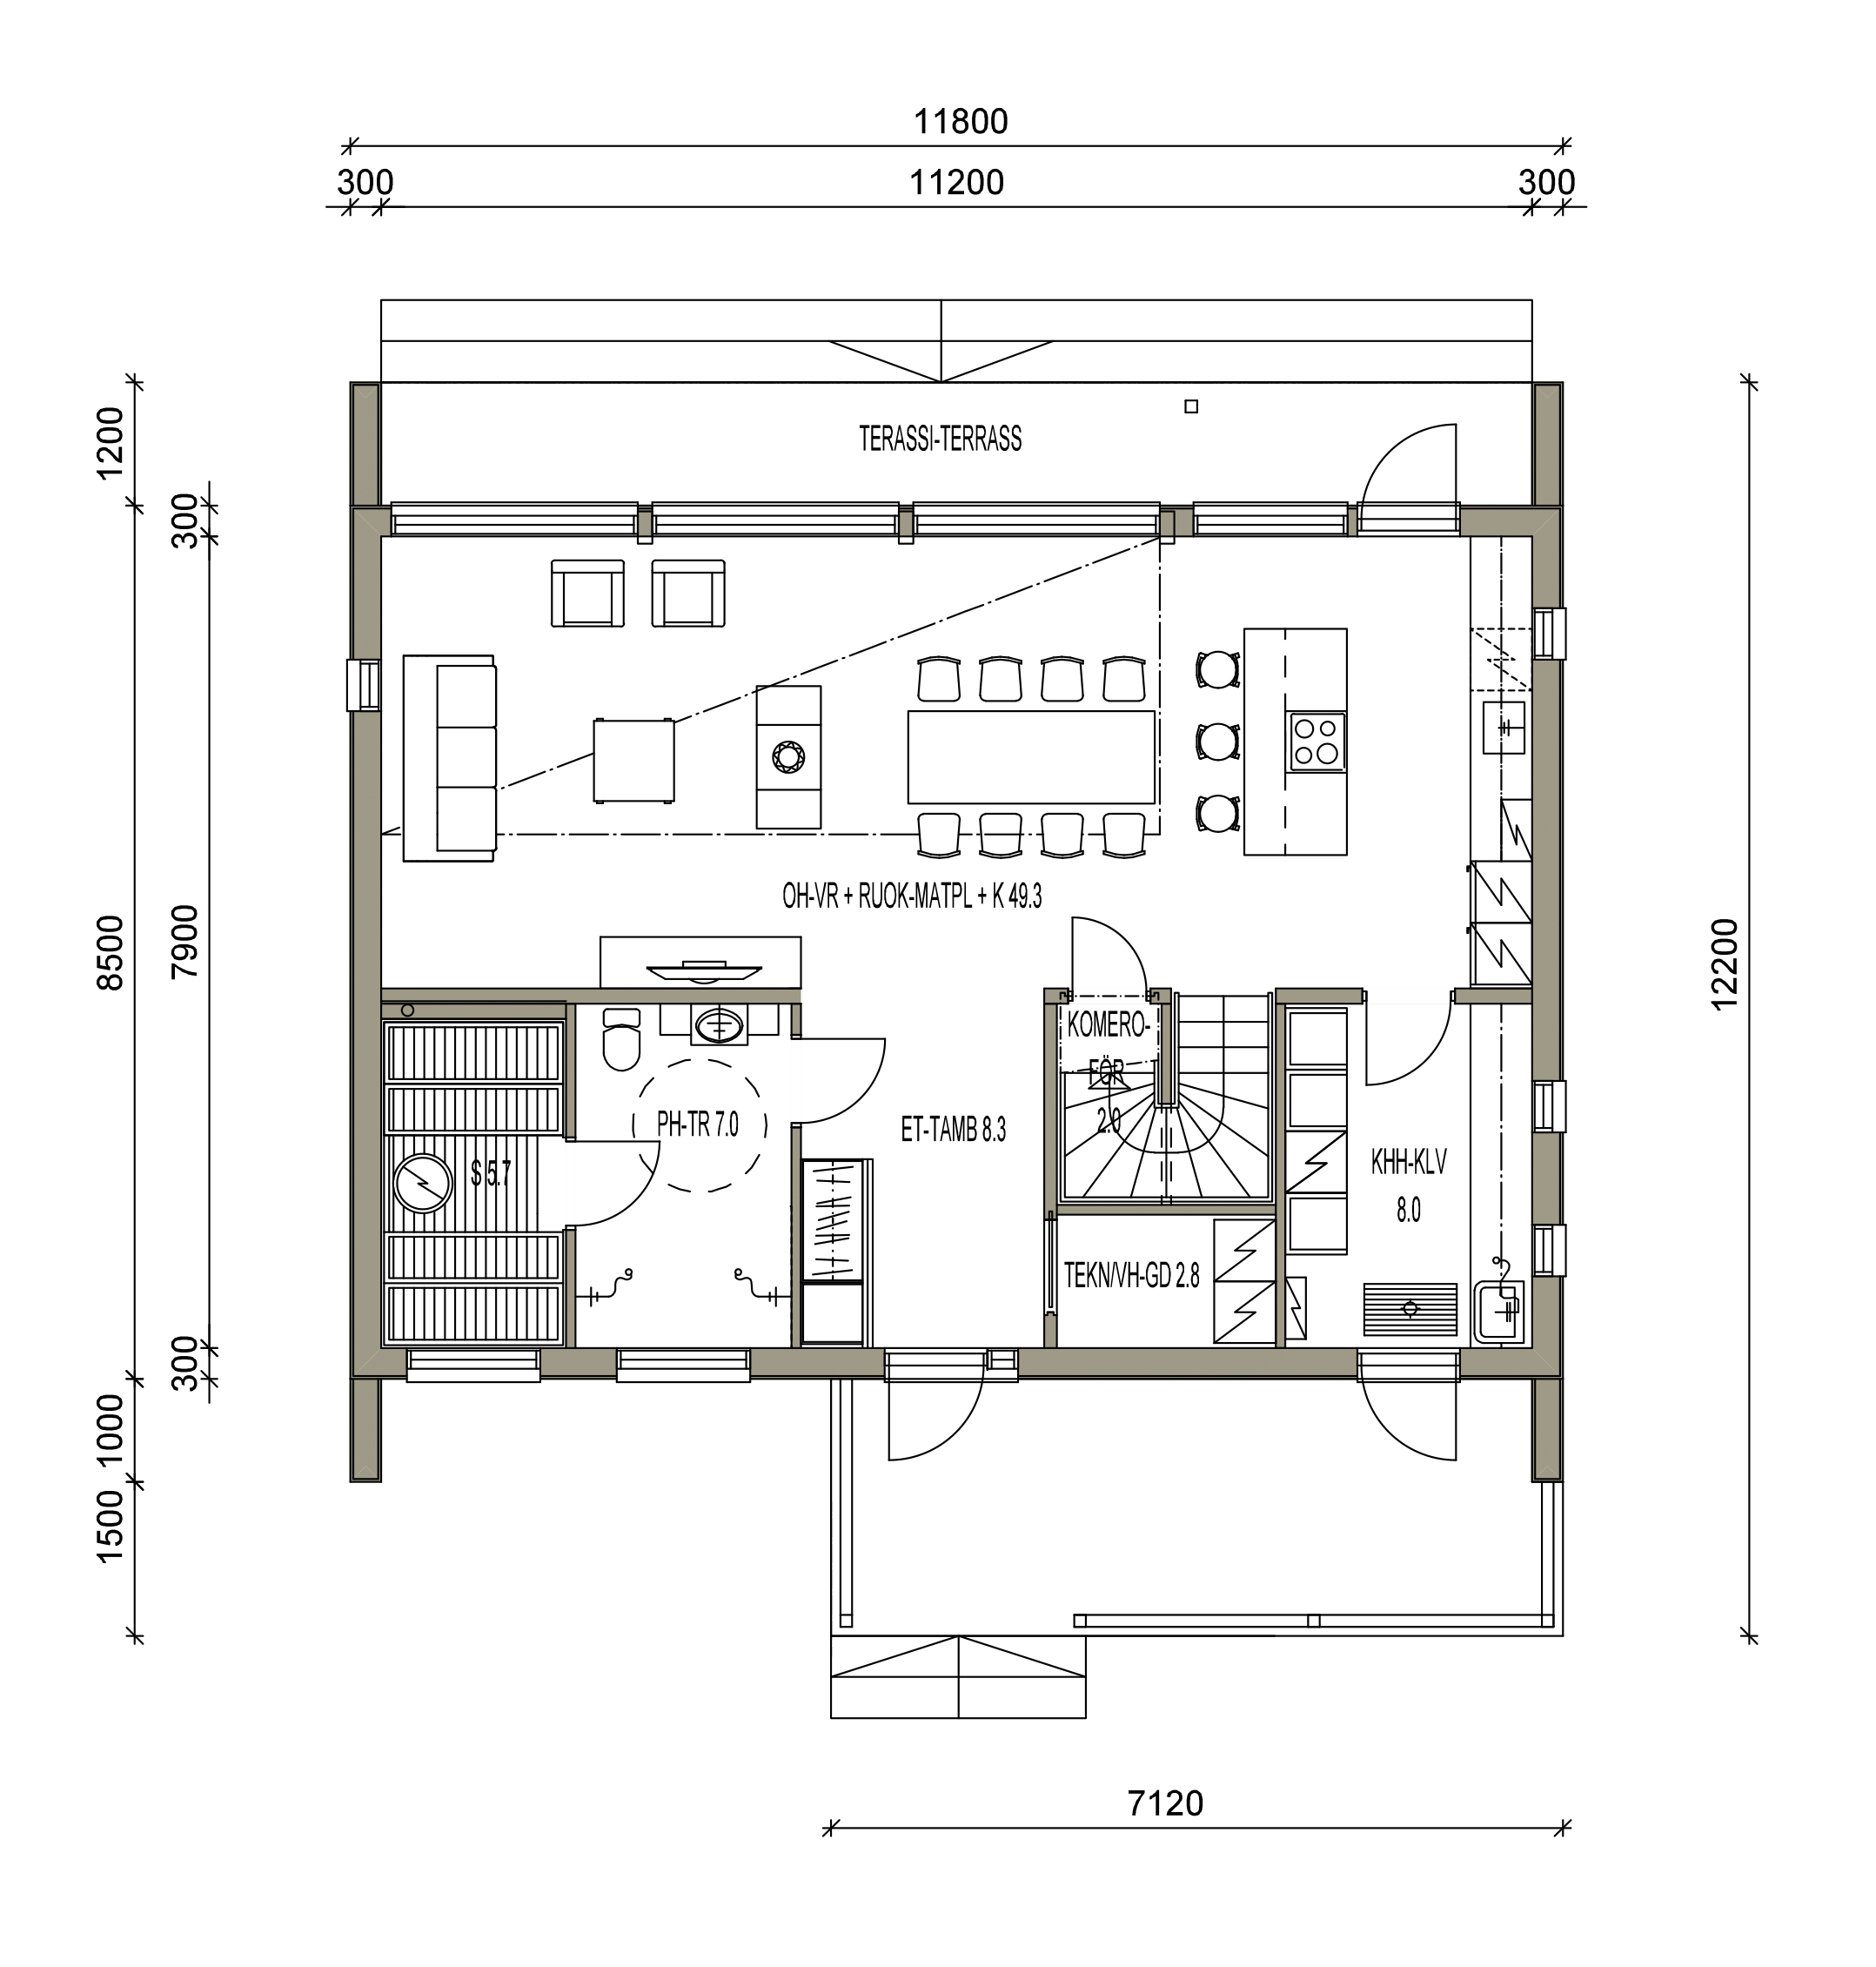 maison sips cubique plan 150 m² 02